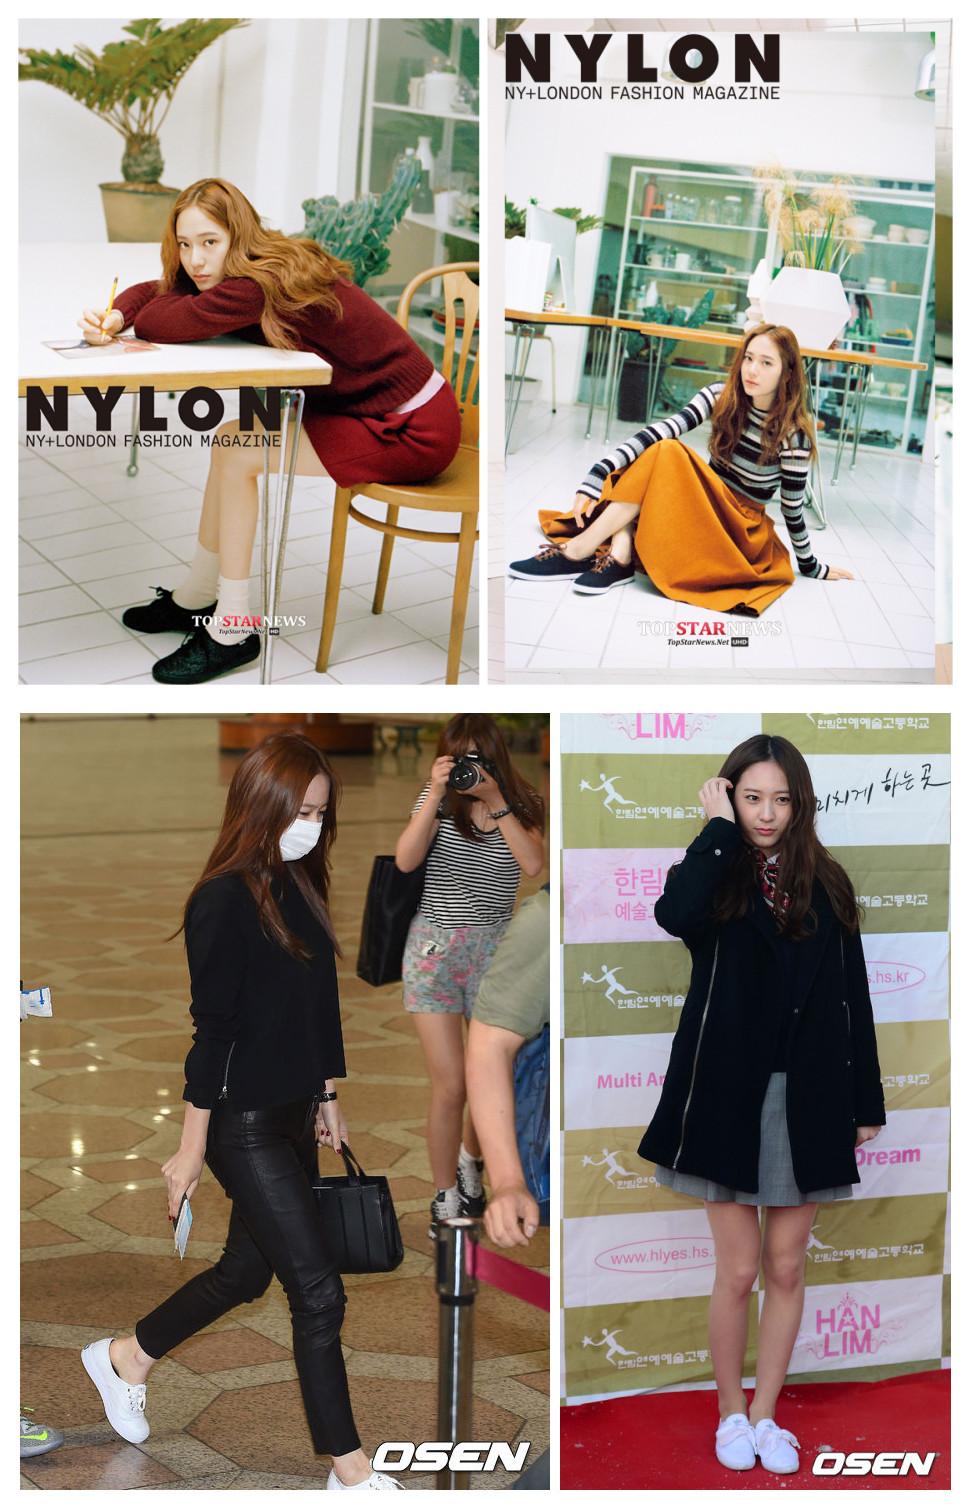 跟Sunny一樣,Krystal不管是拍畫報、出席活動,還是私服,最愛的單品也是黑白運動鞋,幾種截然不同的穿著配上黑白色的運動鞋居然都這麼合理!